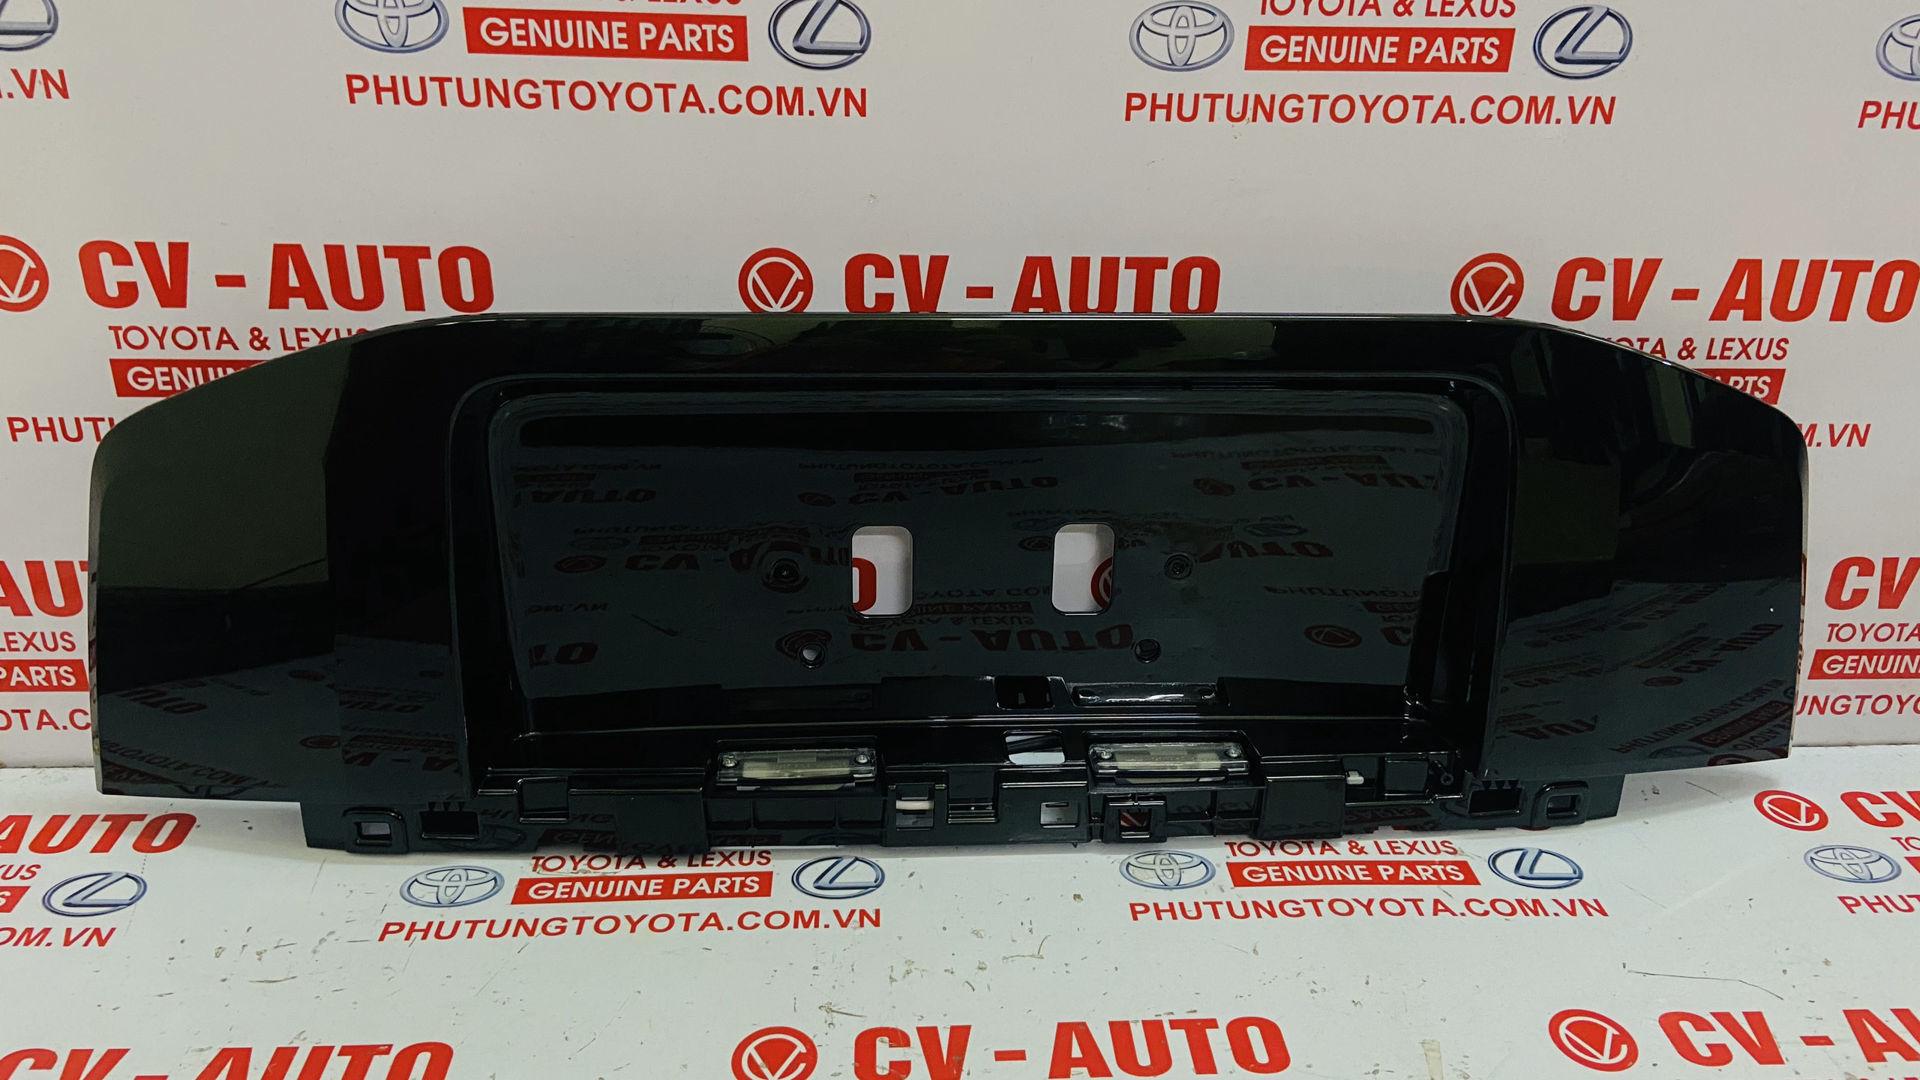 Picture of 76801-60310-G0, 7680160310G0 Giá bắt biển số sau Toyota Prado 2013-2017 chính hãng